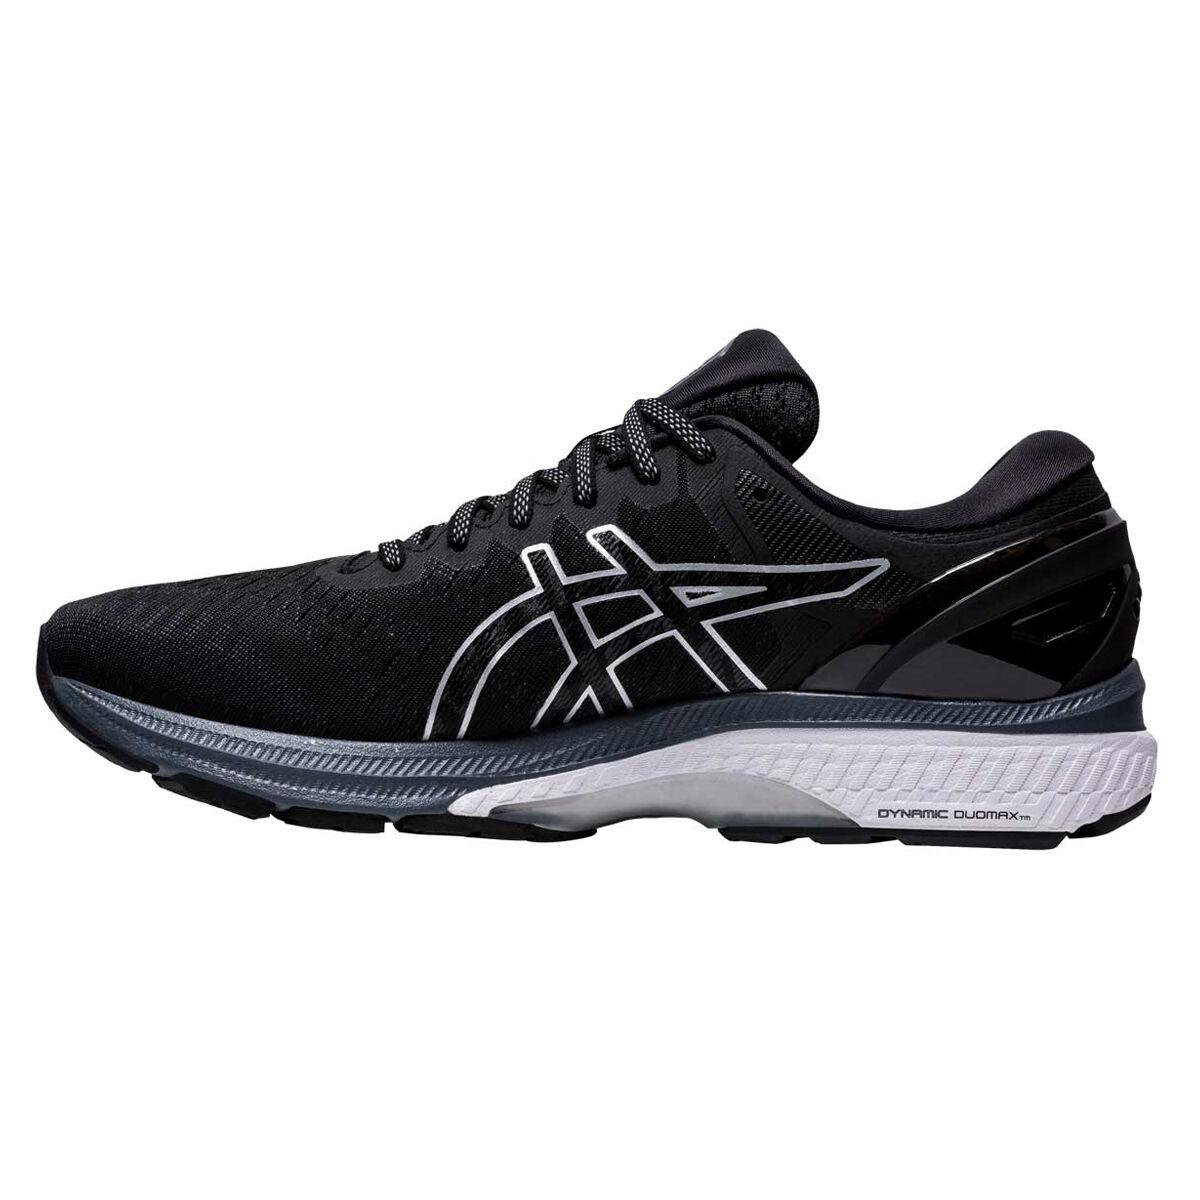 Asics GEL Kayano 27 Mens Running Shoes